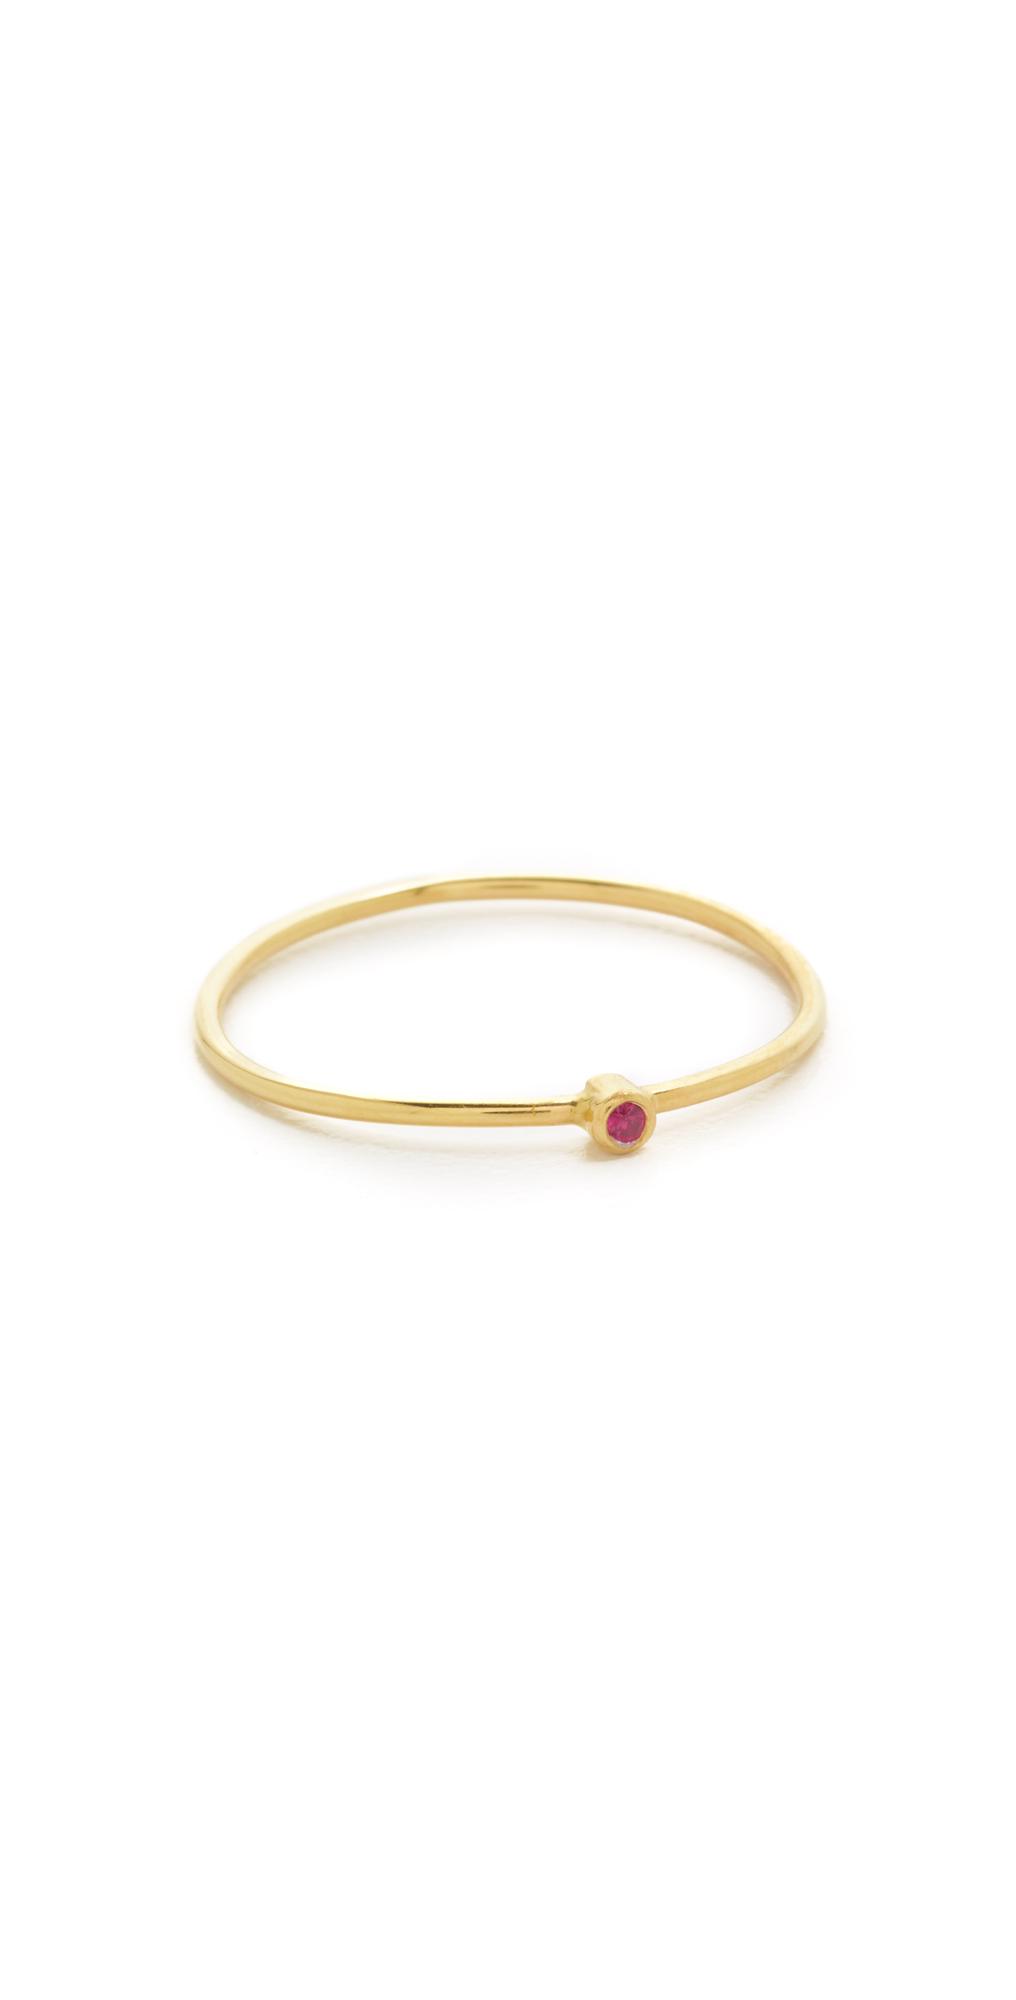 18k Gold Thin Ruby Ring Jennifer Meyer Jewelry